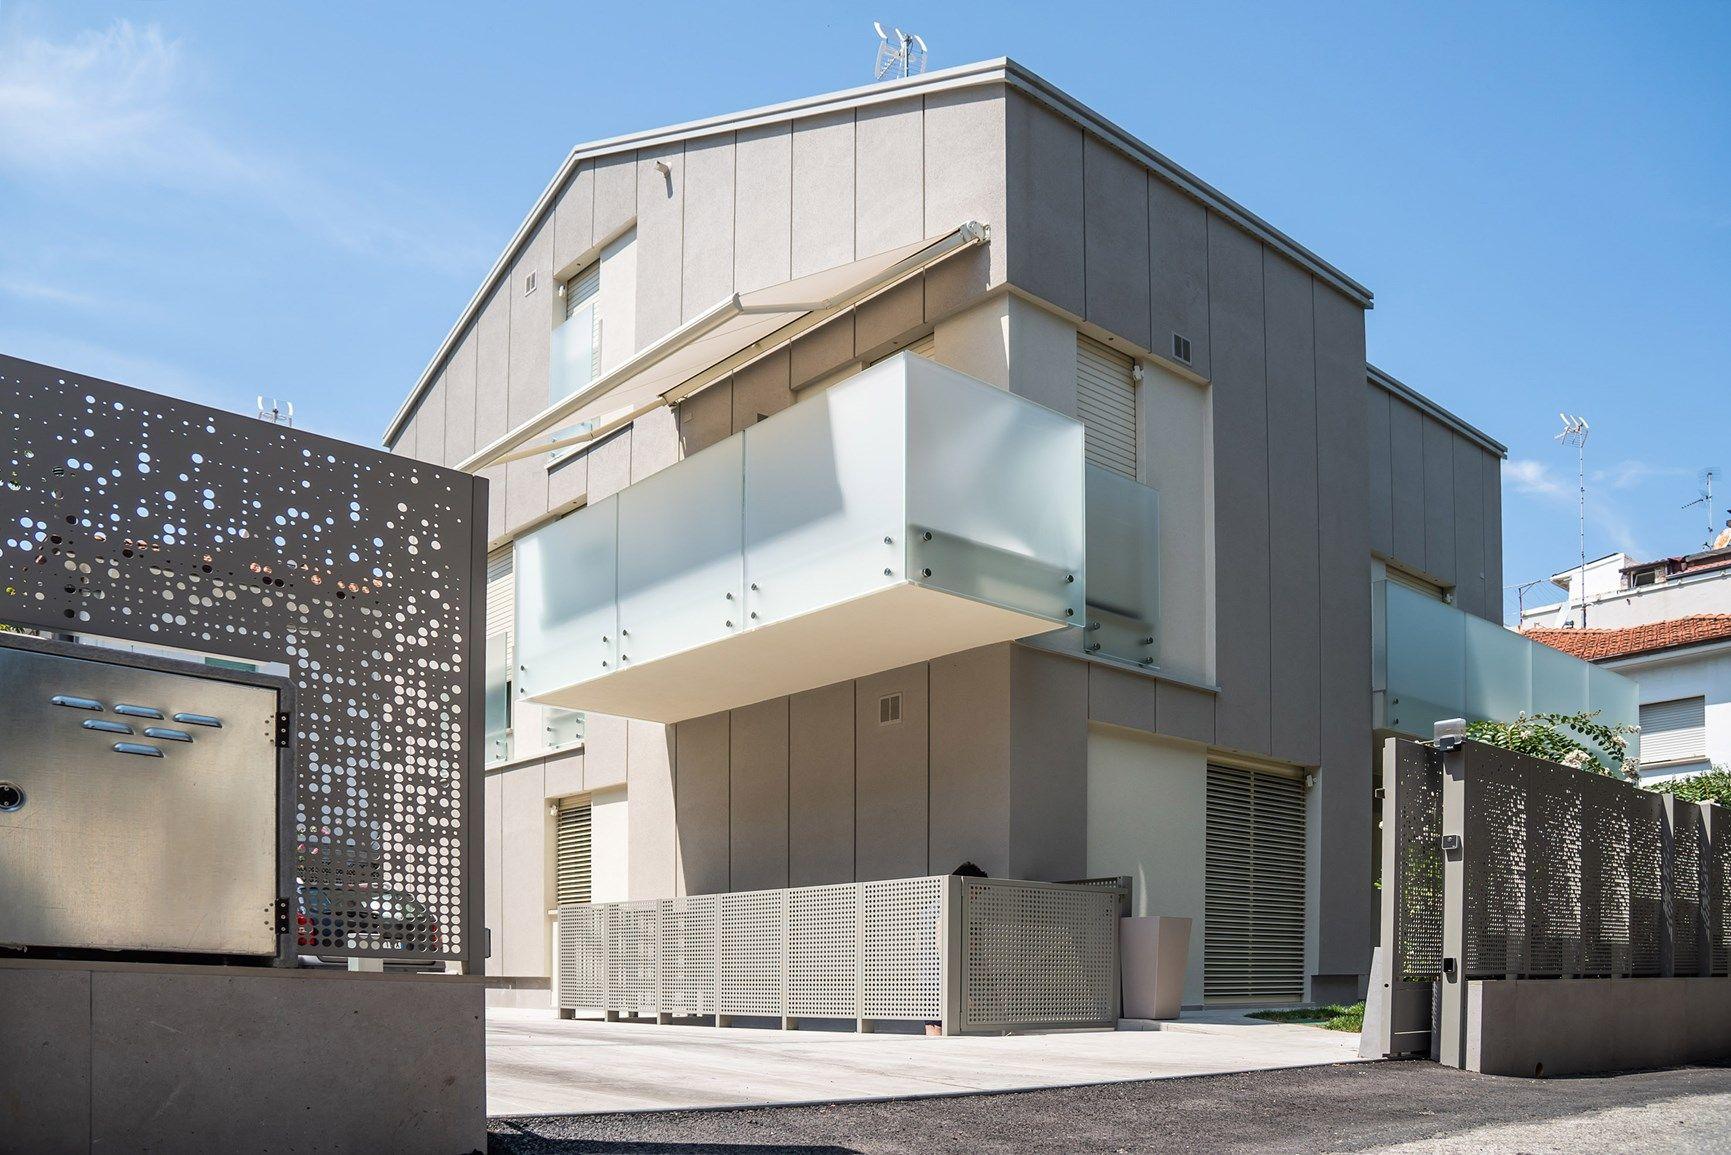 Con Hörmann design personalizzato per la casa domotica